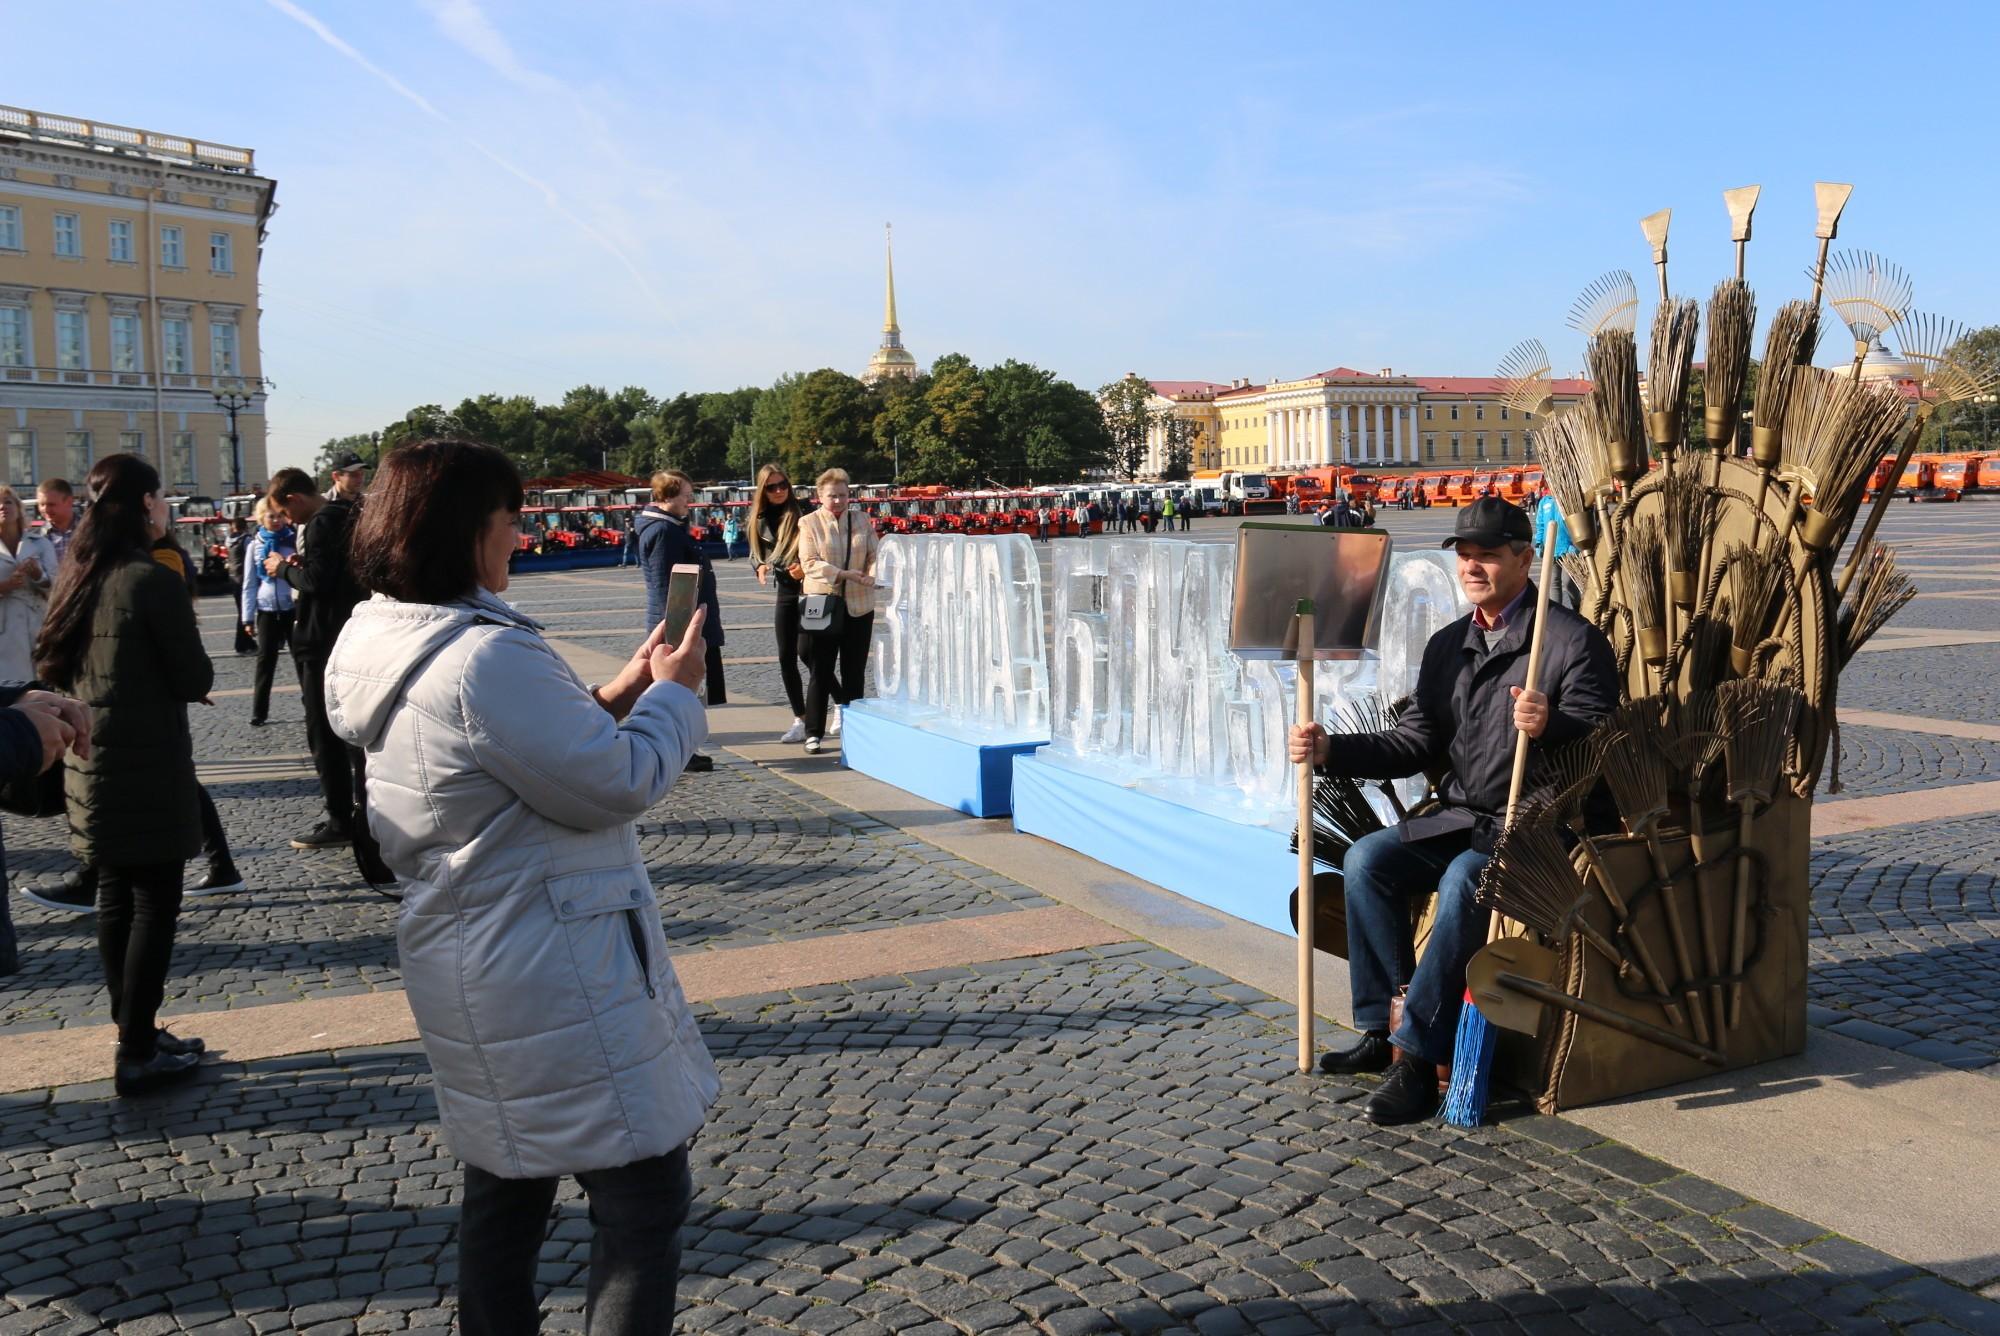 смотр уборочной техники дворцовая площадь комитет по благоустройству железный трон зима близко